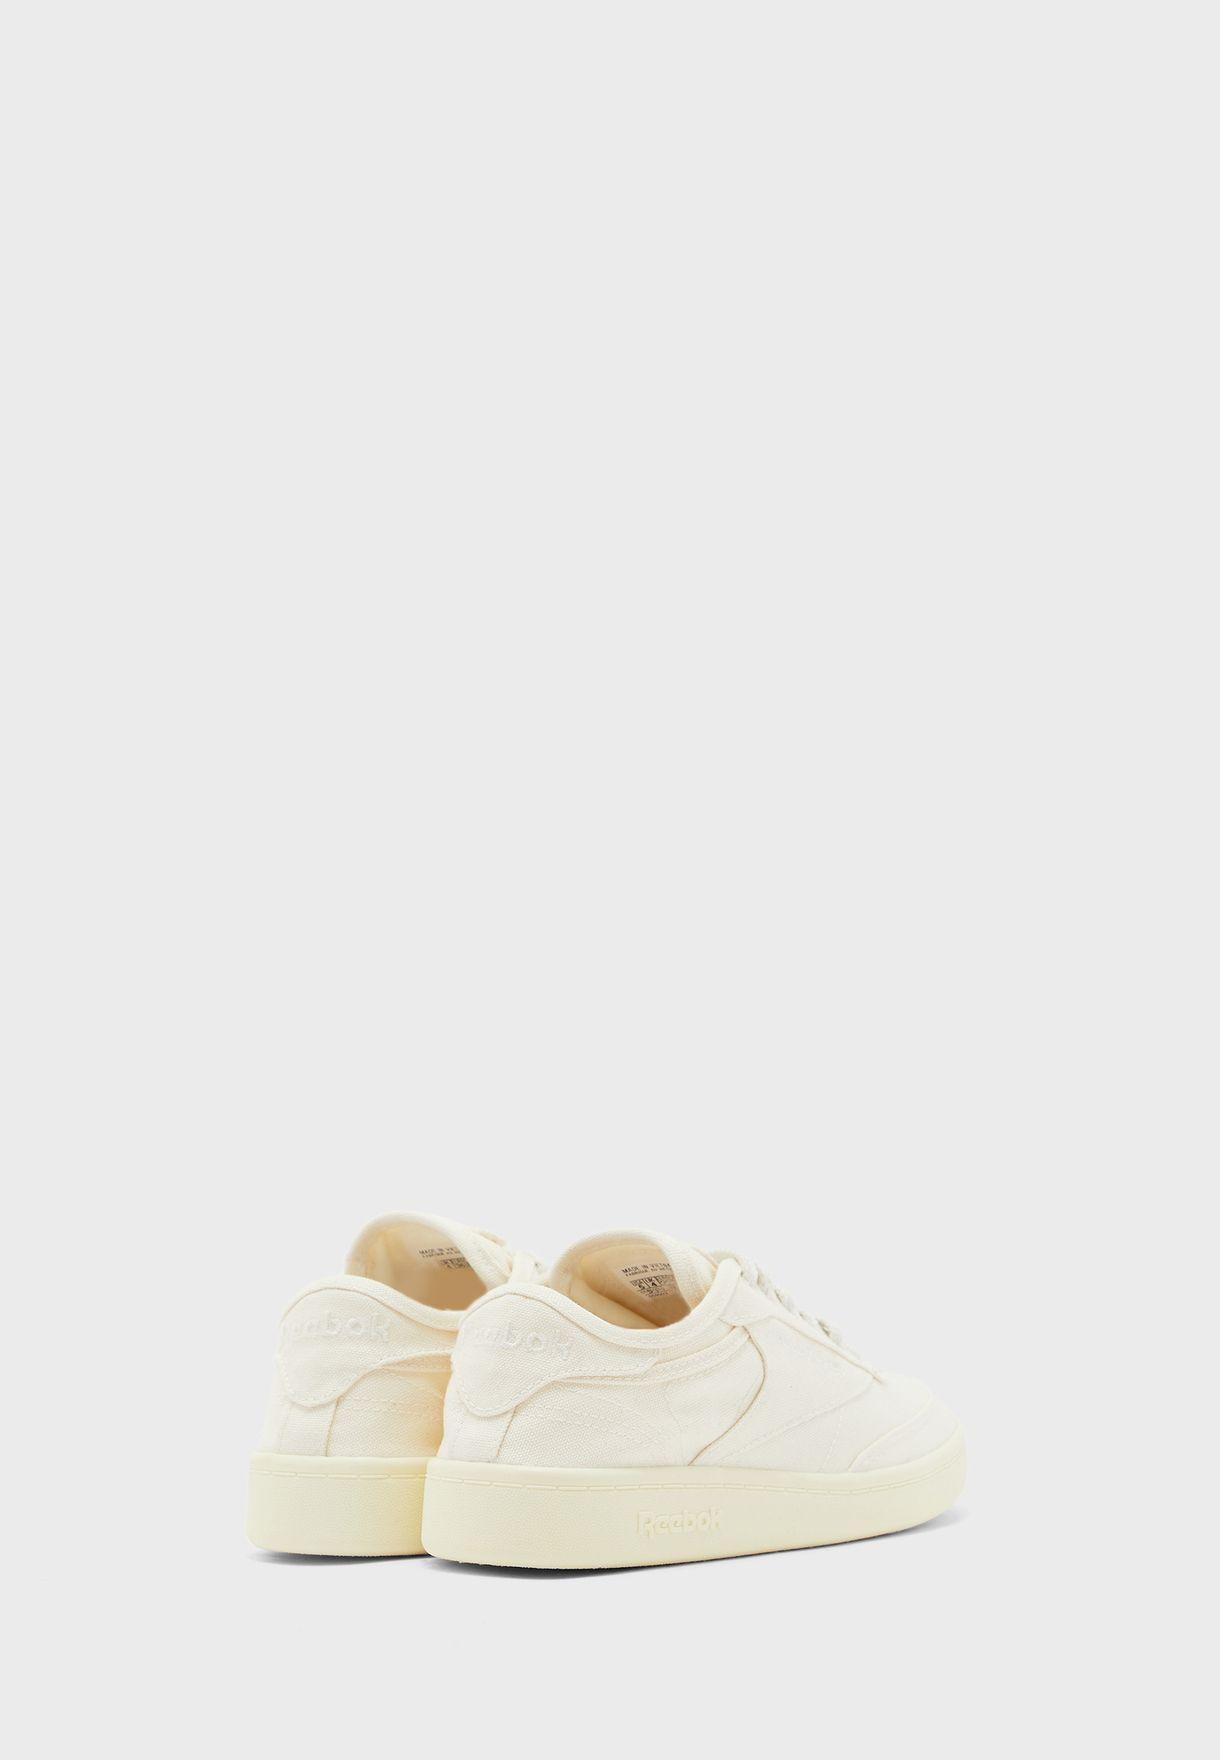 حذاء كلوب سي سي اند سي